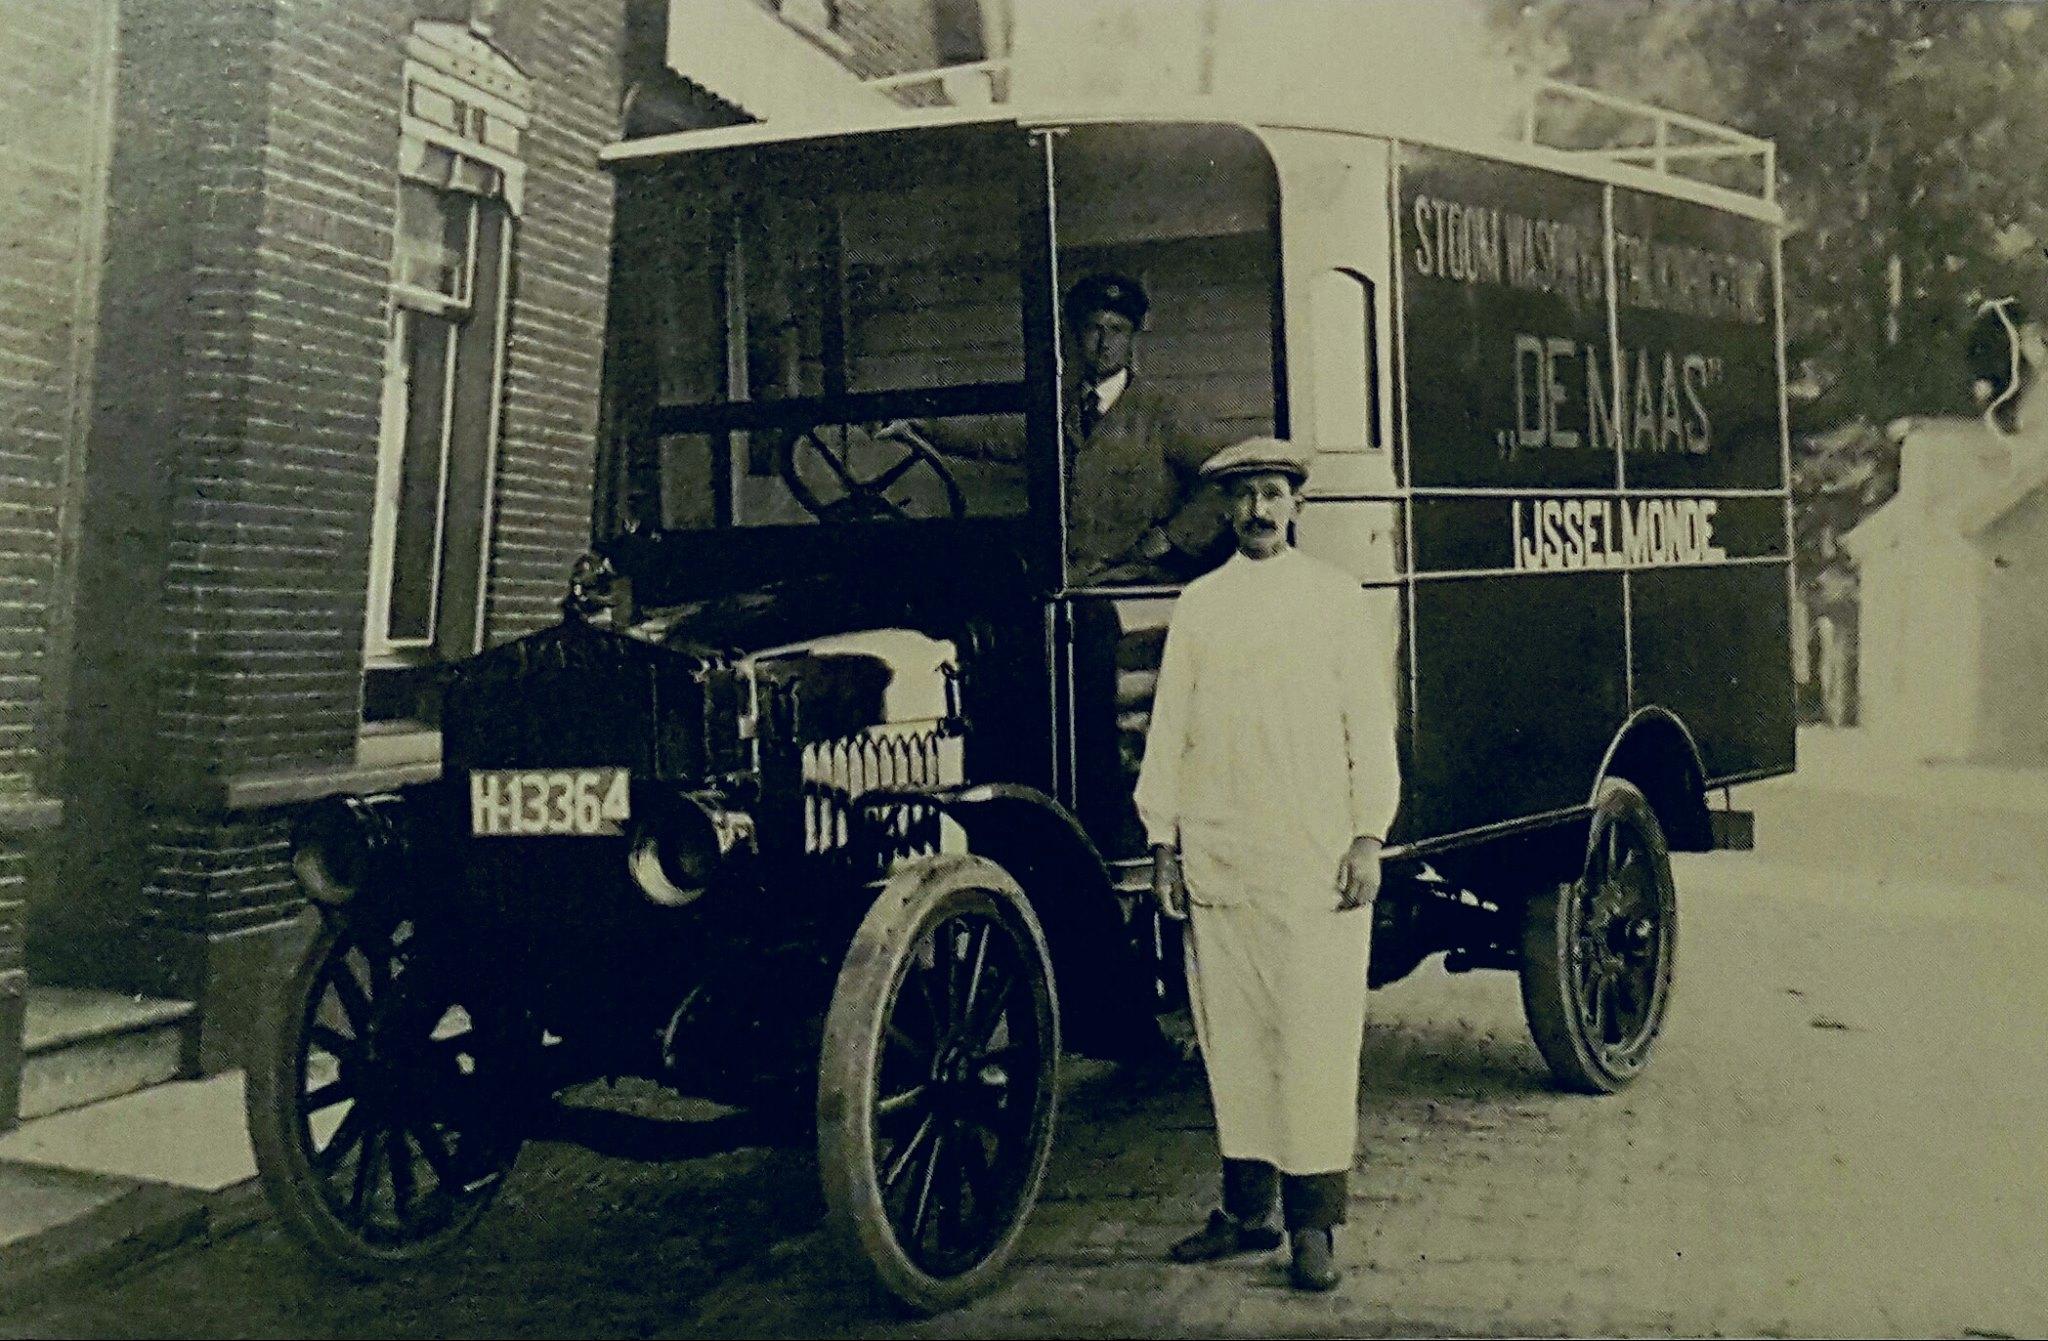 chauffeur--A-Luijendijk-met-de-schilder-van-de-reclame-van-Gardeen-1919